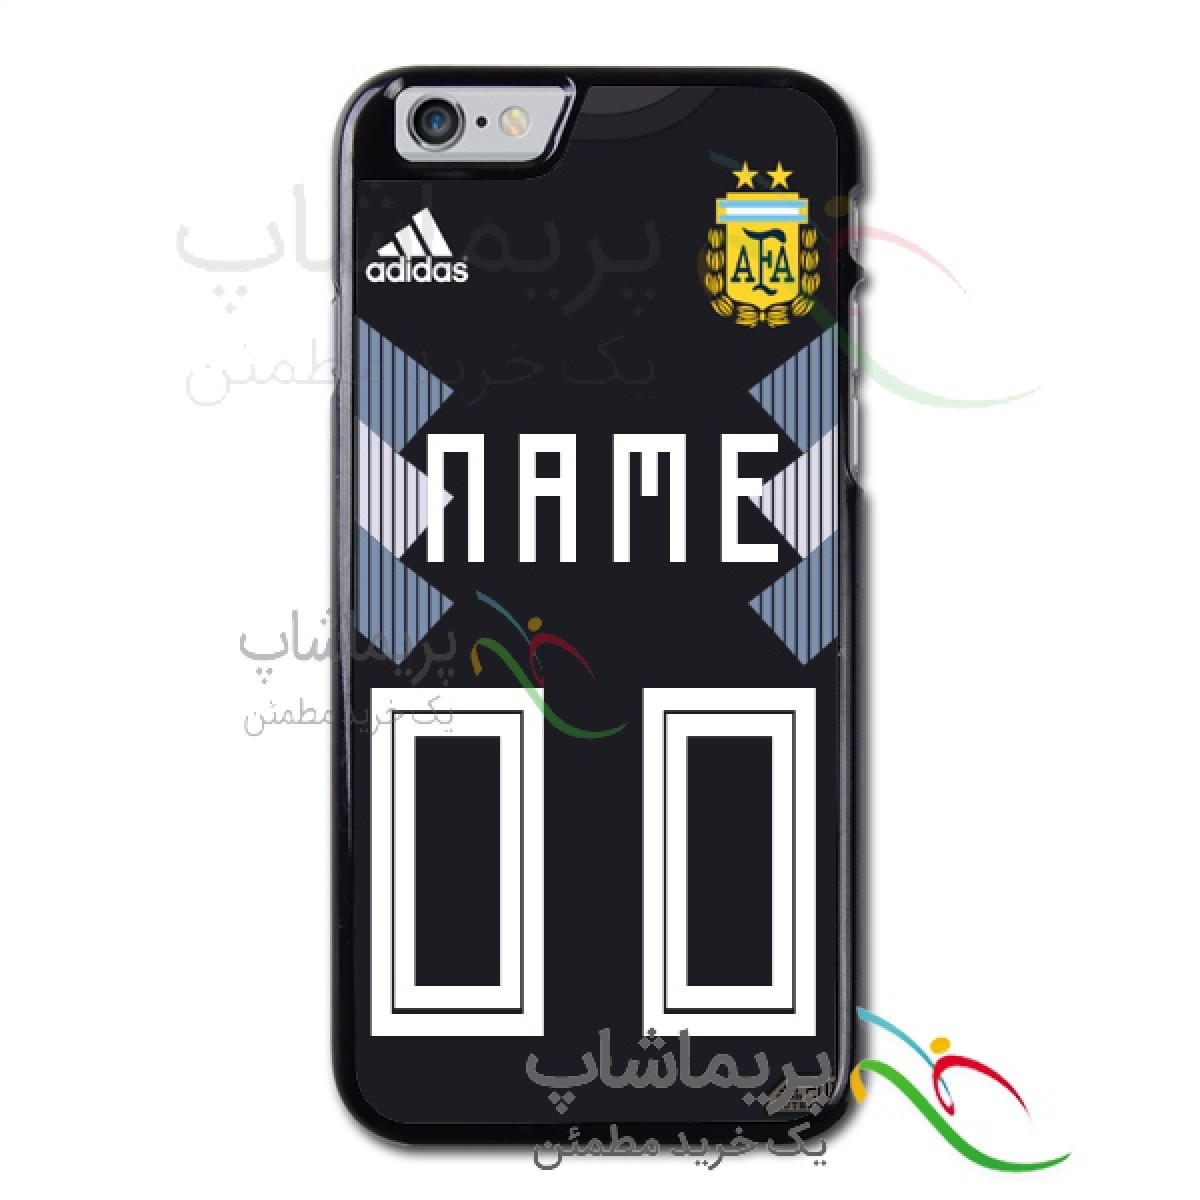 قاب موبایل آرژانتین پیراهن دوم نام و شماره دلخواه جام جهانی